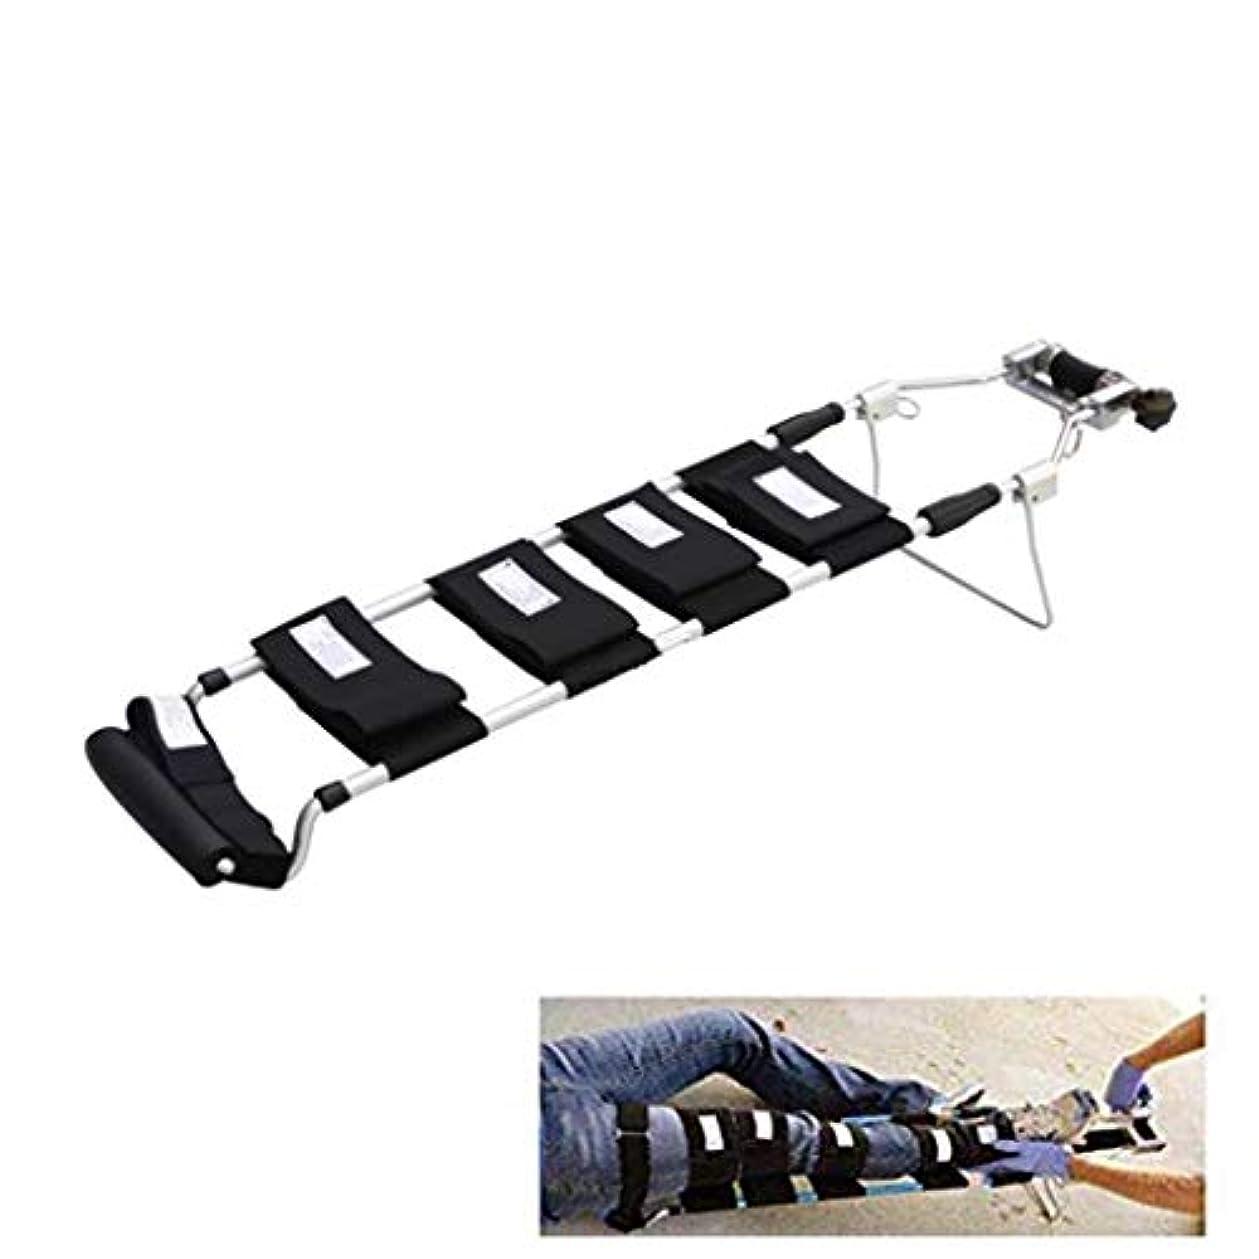 対角線花靴下脚牽引装置整形外科、牽引副木、調整可能な足首ストラップ伸縮設計、脚緊急レトラクタ付き (Color : Children)